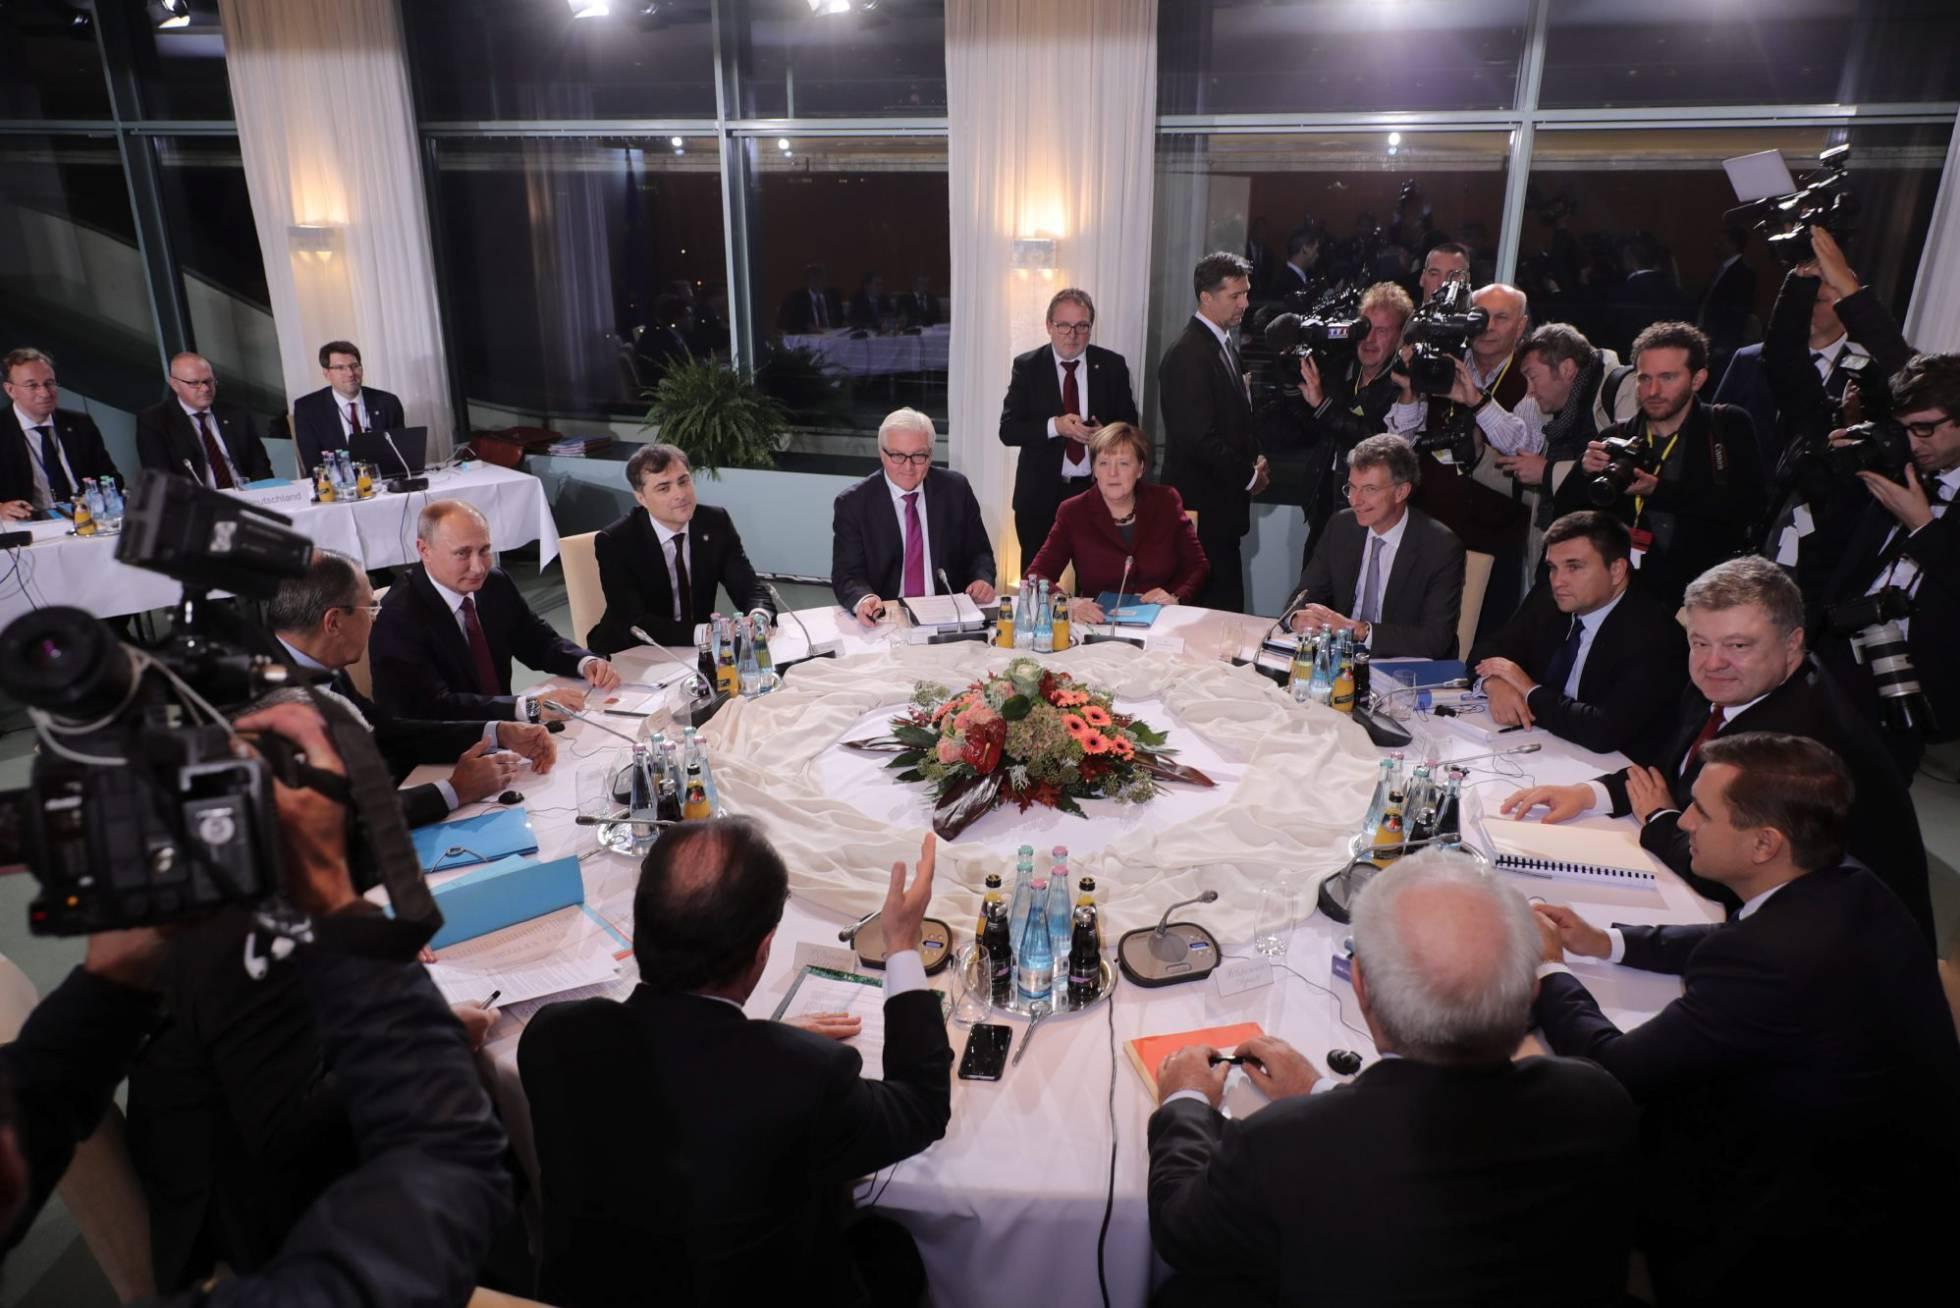 Ucrania destituye al presidente Yanukovich. Rusia anexa la Peninsula de Crimea, separatistas armados atacan en el Este. - Página 29 1477234552_573734_1477328641_noticia_normal_recorte1